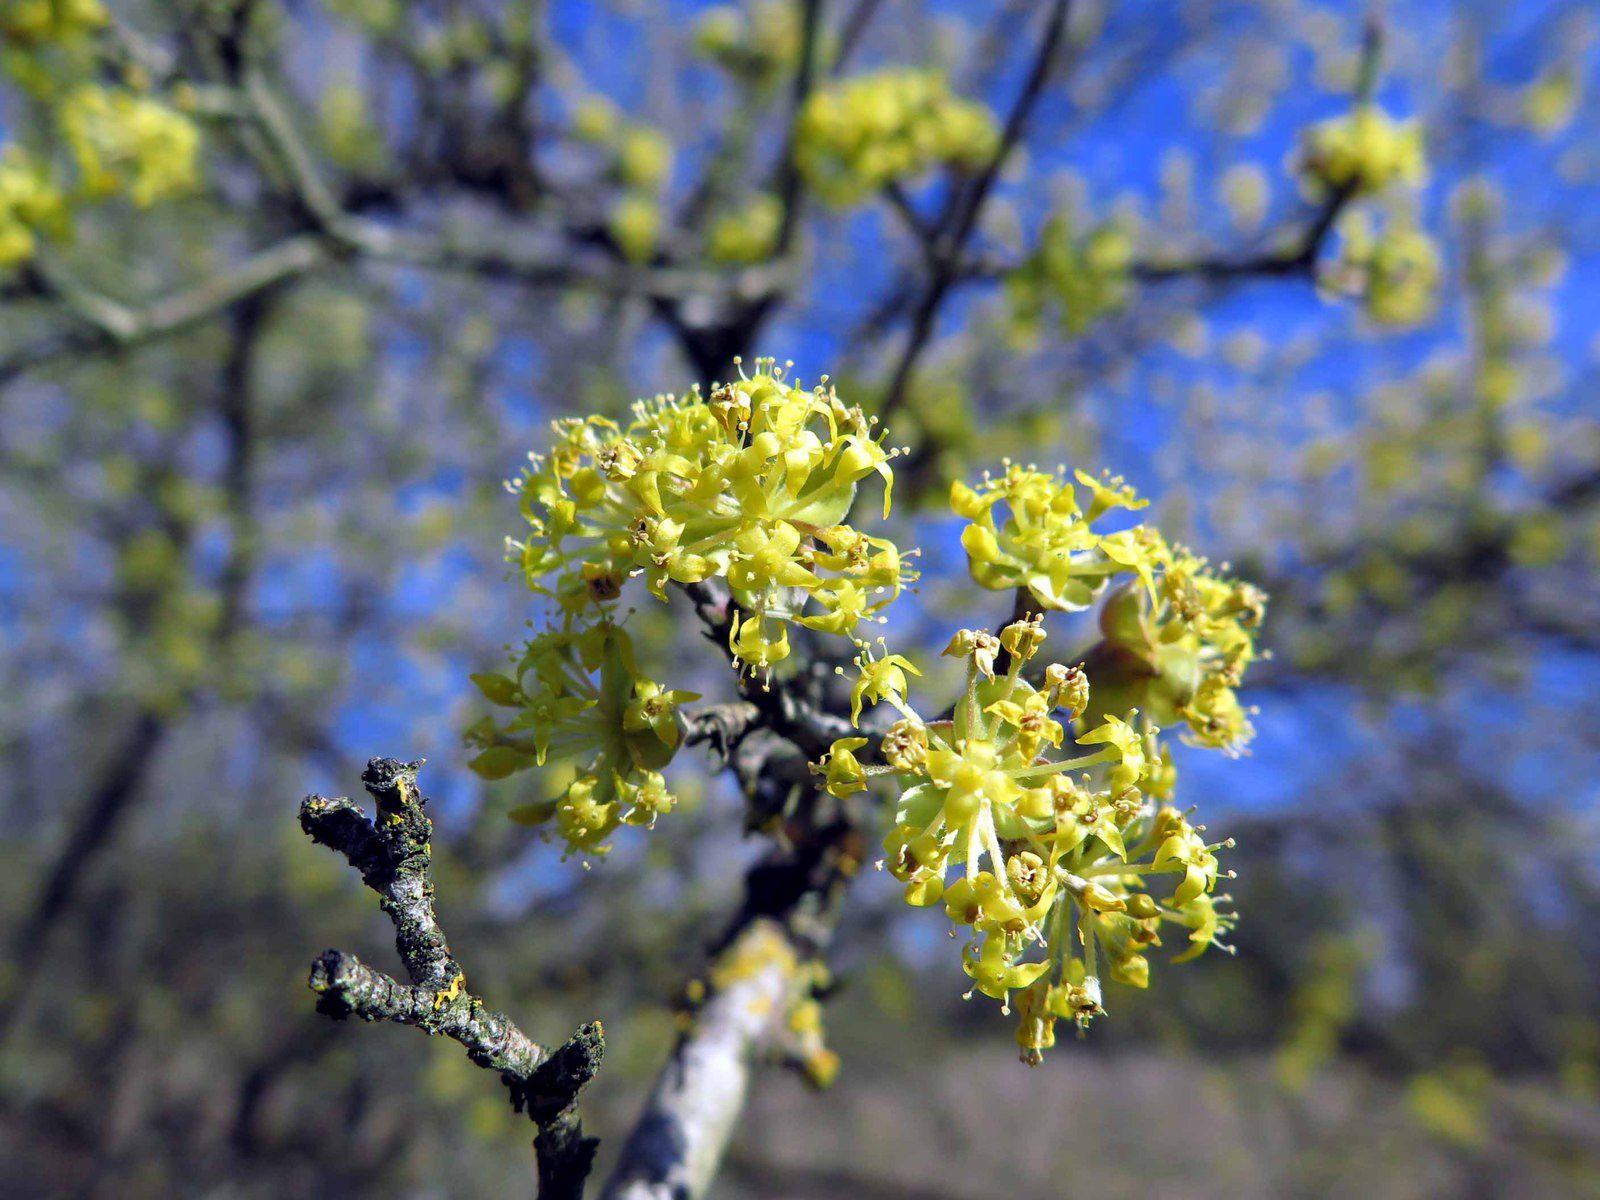 Cornouiller mâle (Cornus mas) en fleur